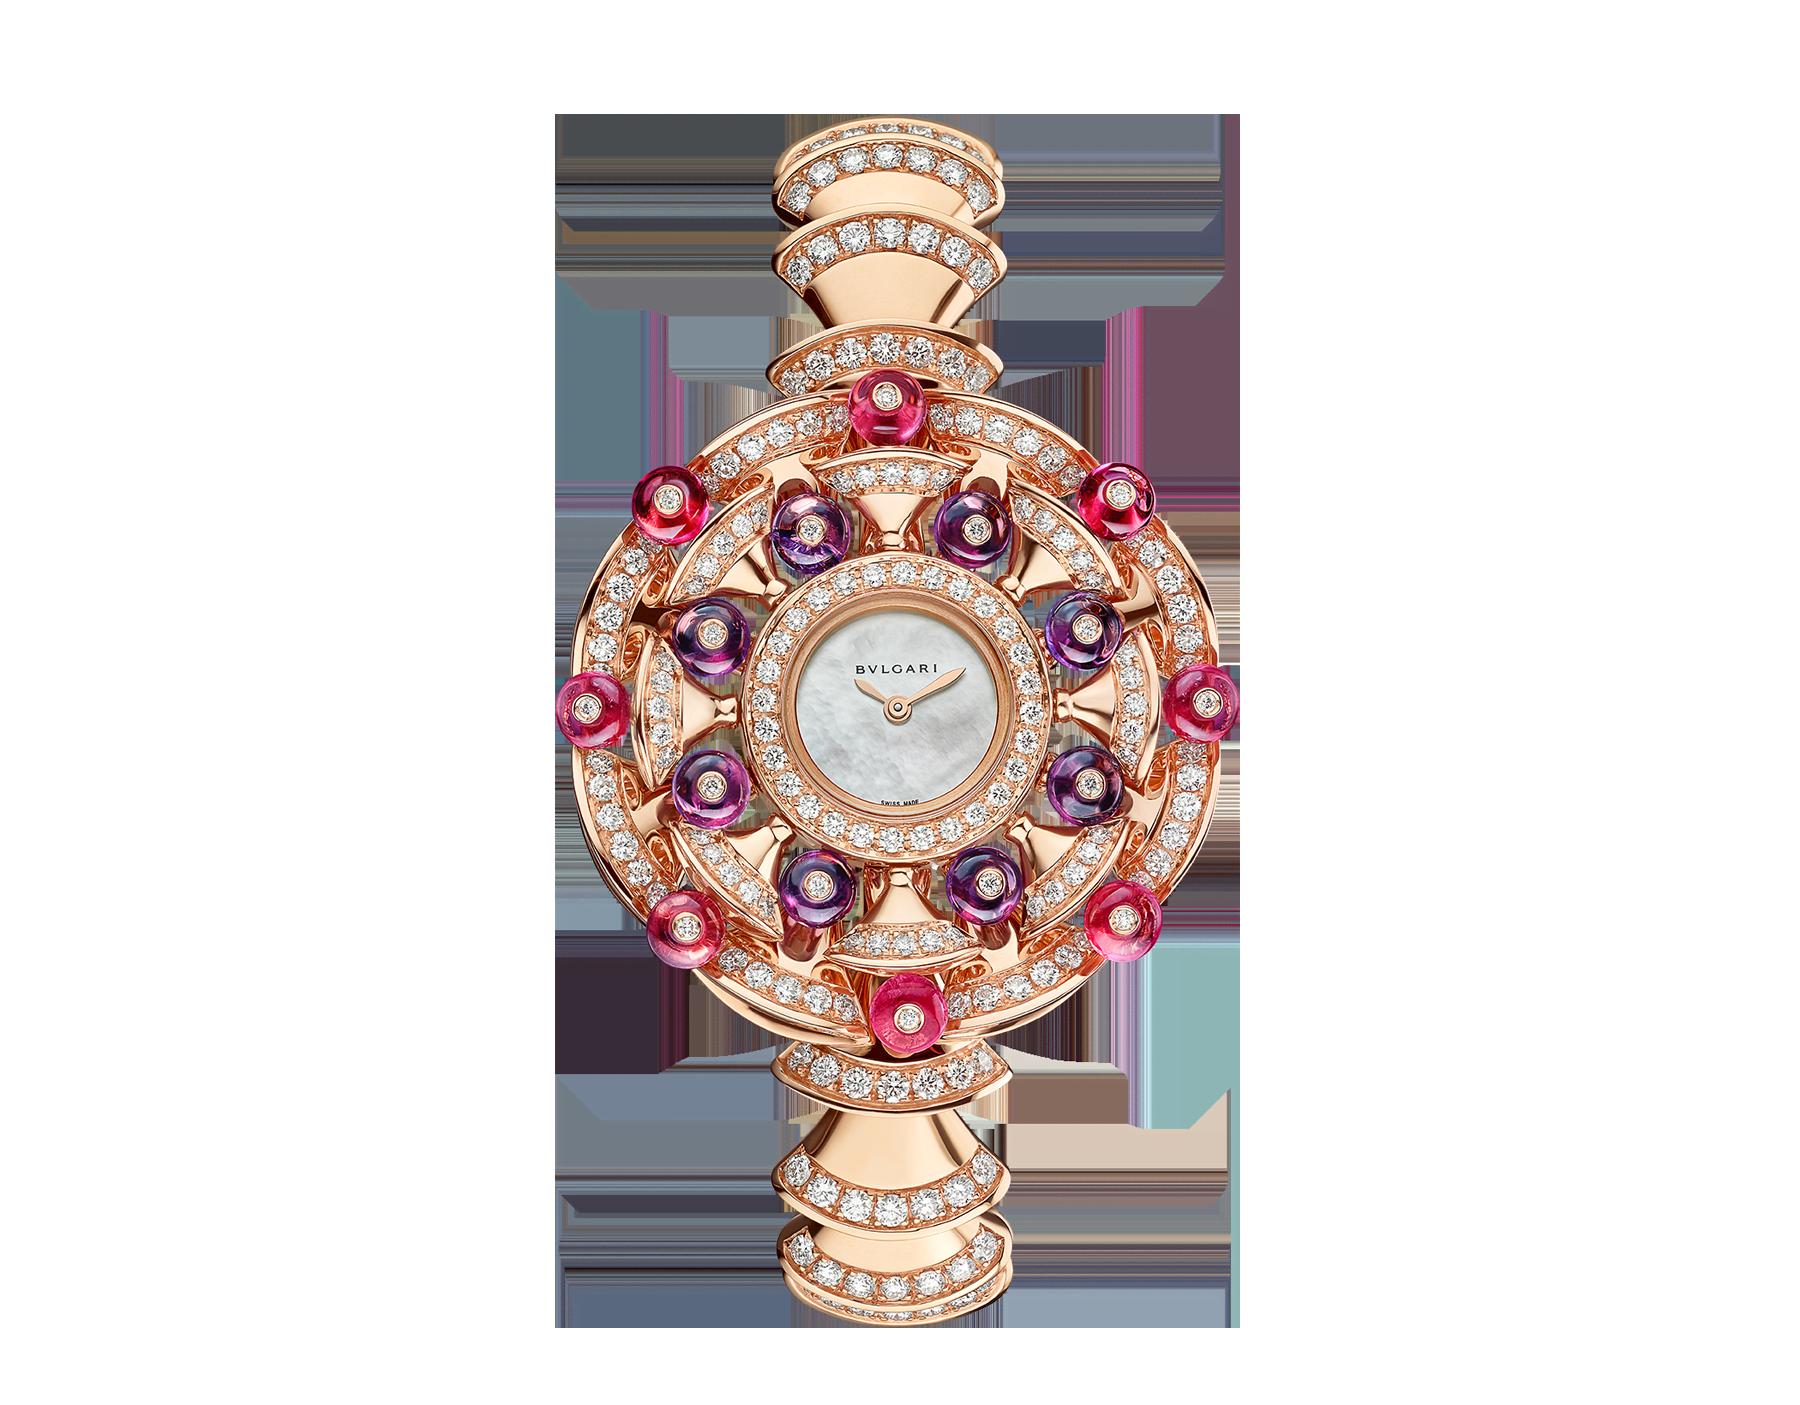 DIVAS' DREAM 腕錶,18K 玫瑰金錶殼鑲飾明亮型切割鑽石、紅碧璽圓珠和紫水晶圓珠。白色珍珠母貝錶盤,18K 玫瑰金錶帶鑲飾明亮型切割鑽石。 102080 image 1